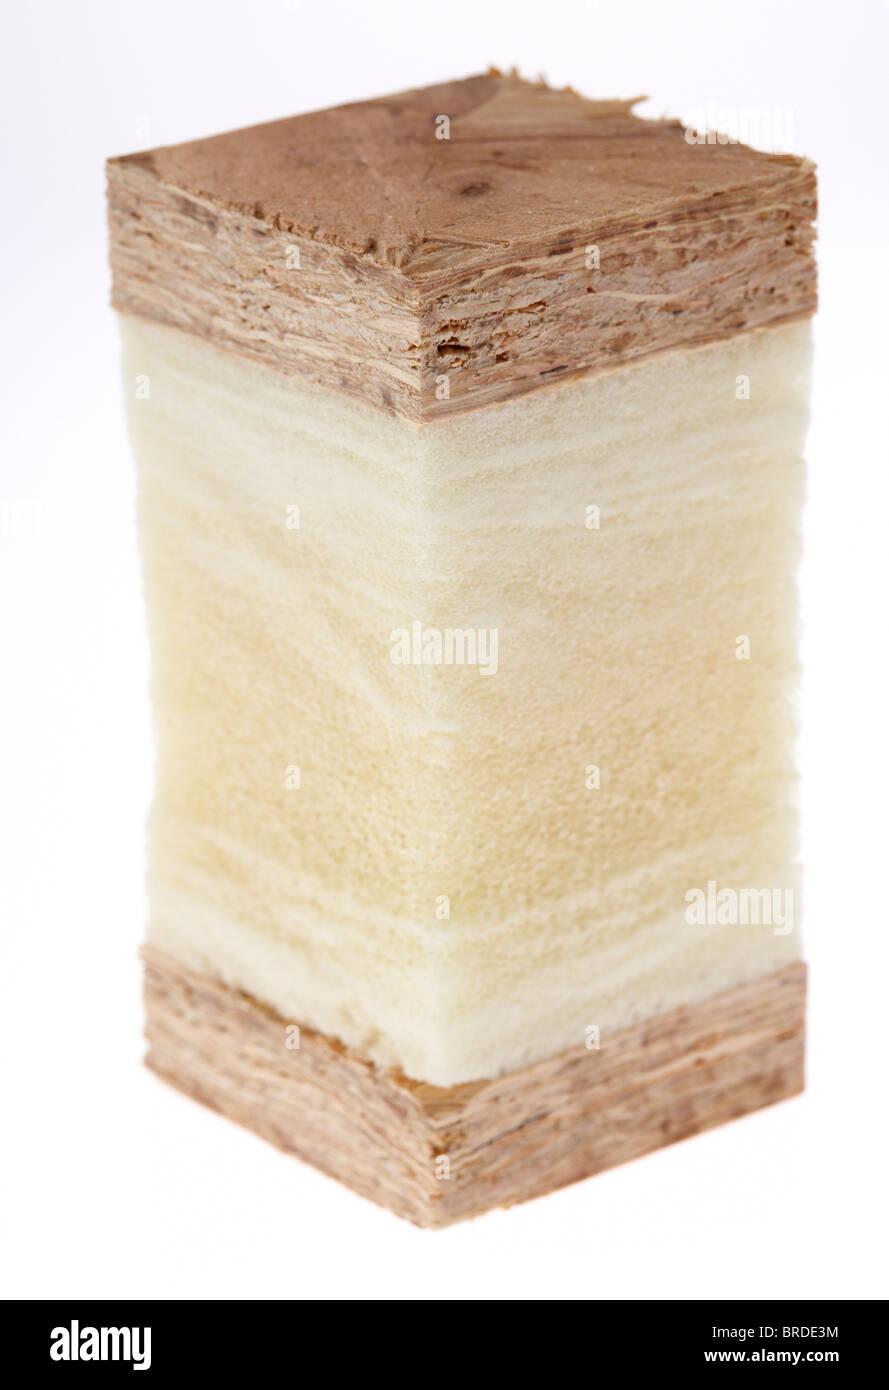 Coupe d'une tranche de panneaux isolants structurels bois moderne construction isolée du châssis Photo Stock